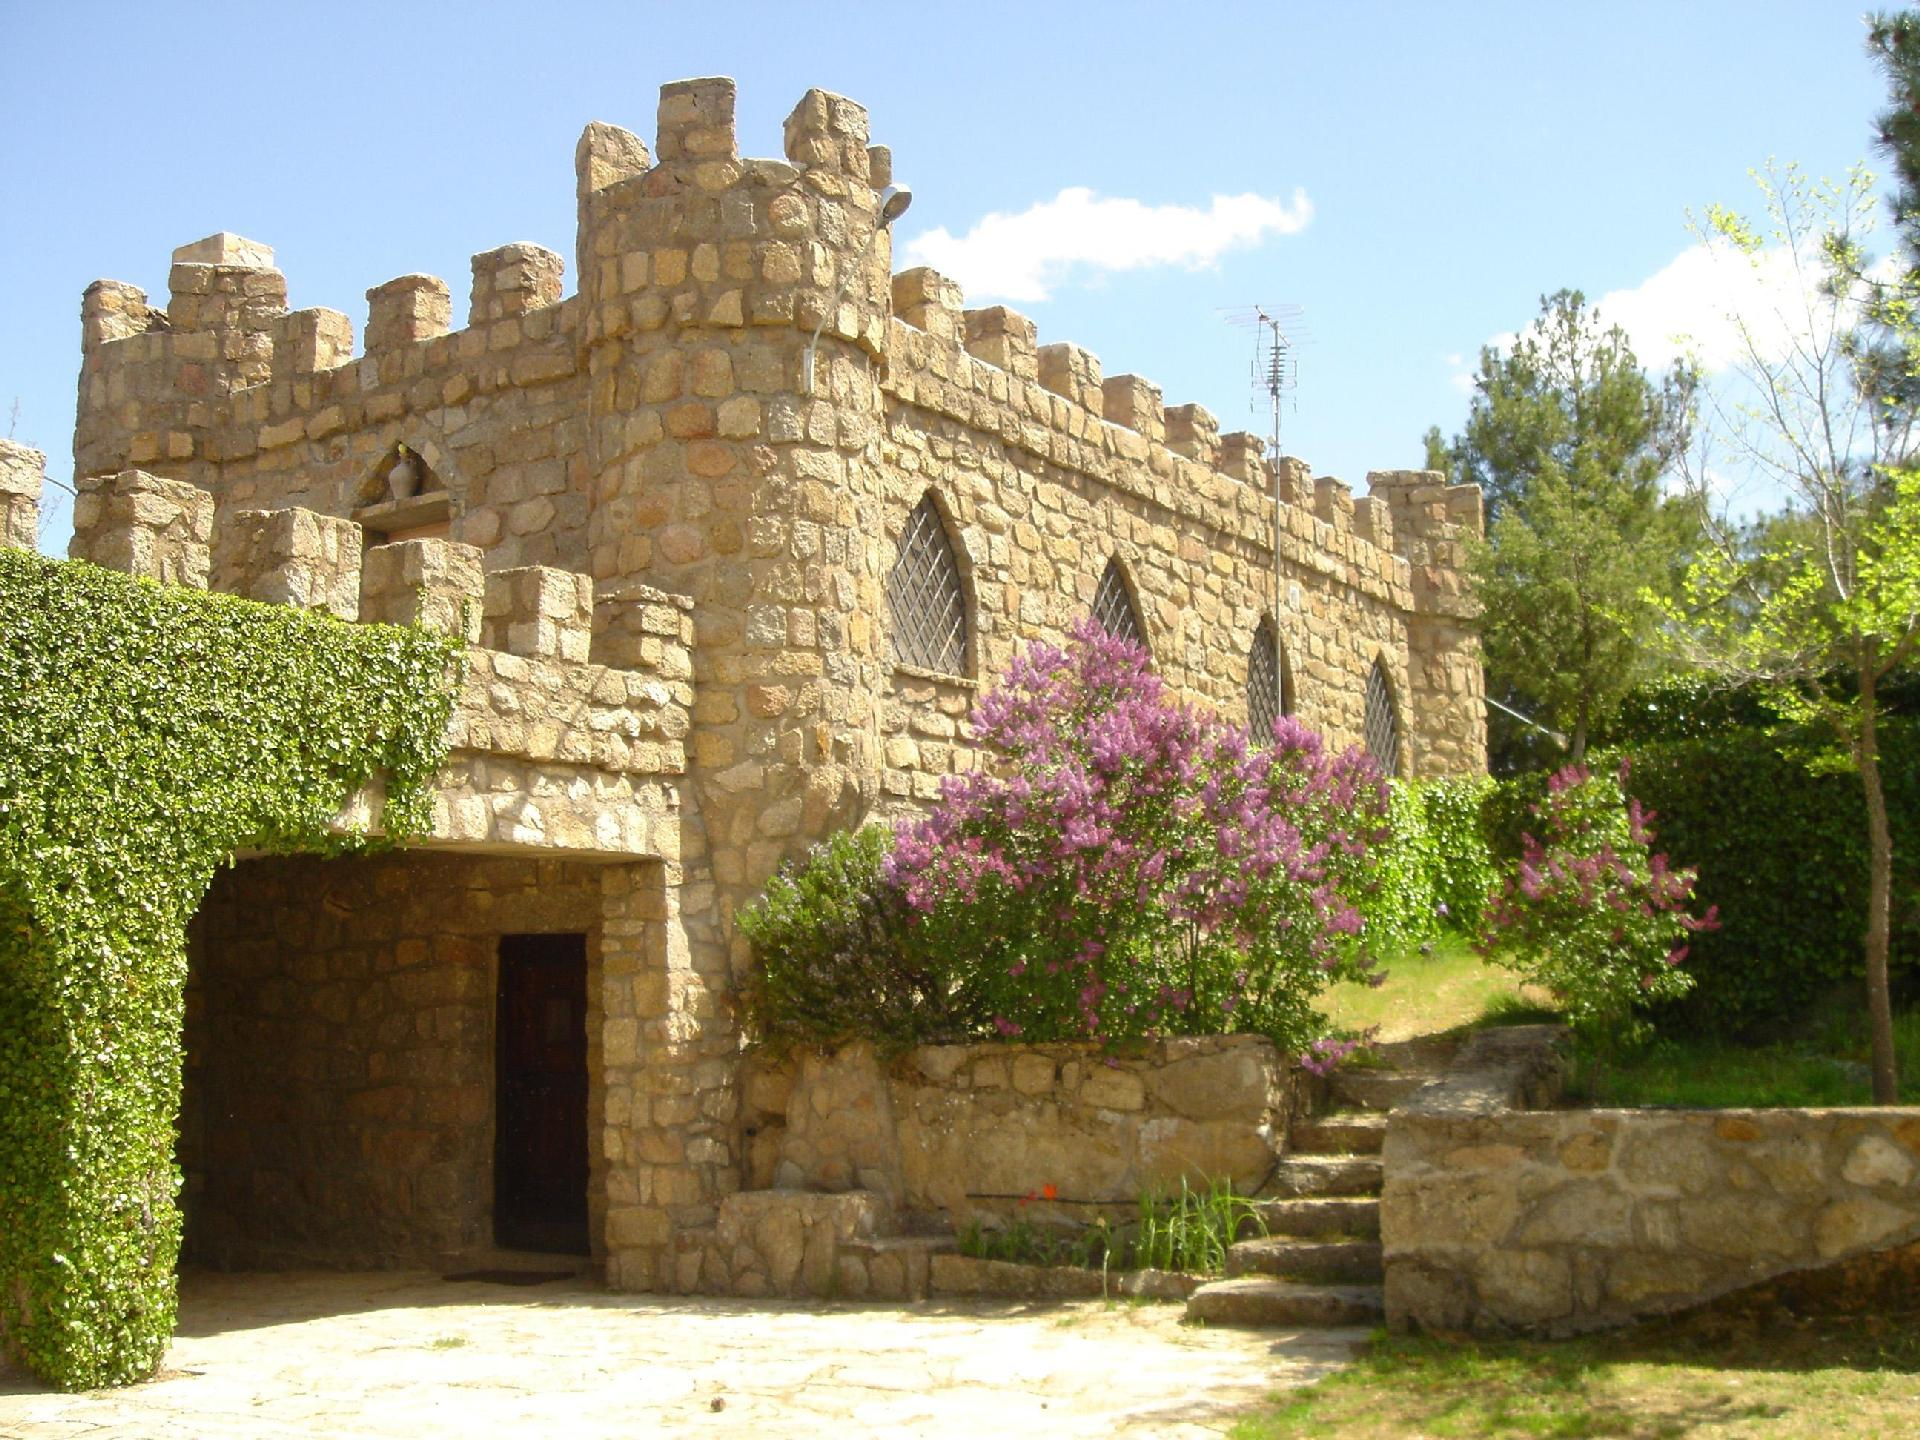 Ferienhaus für 8 Personen ca. 200 m² in  Besondere Immobilie in Spanien